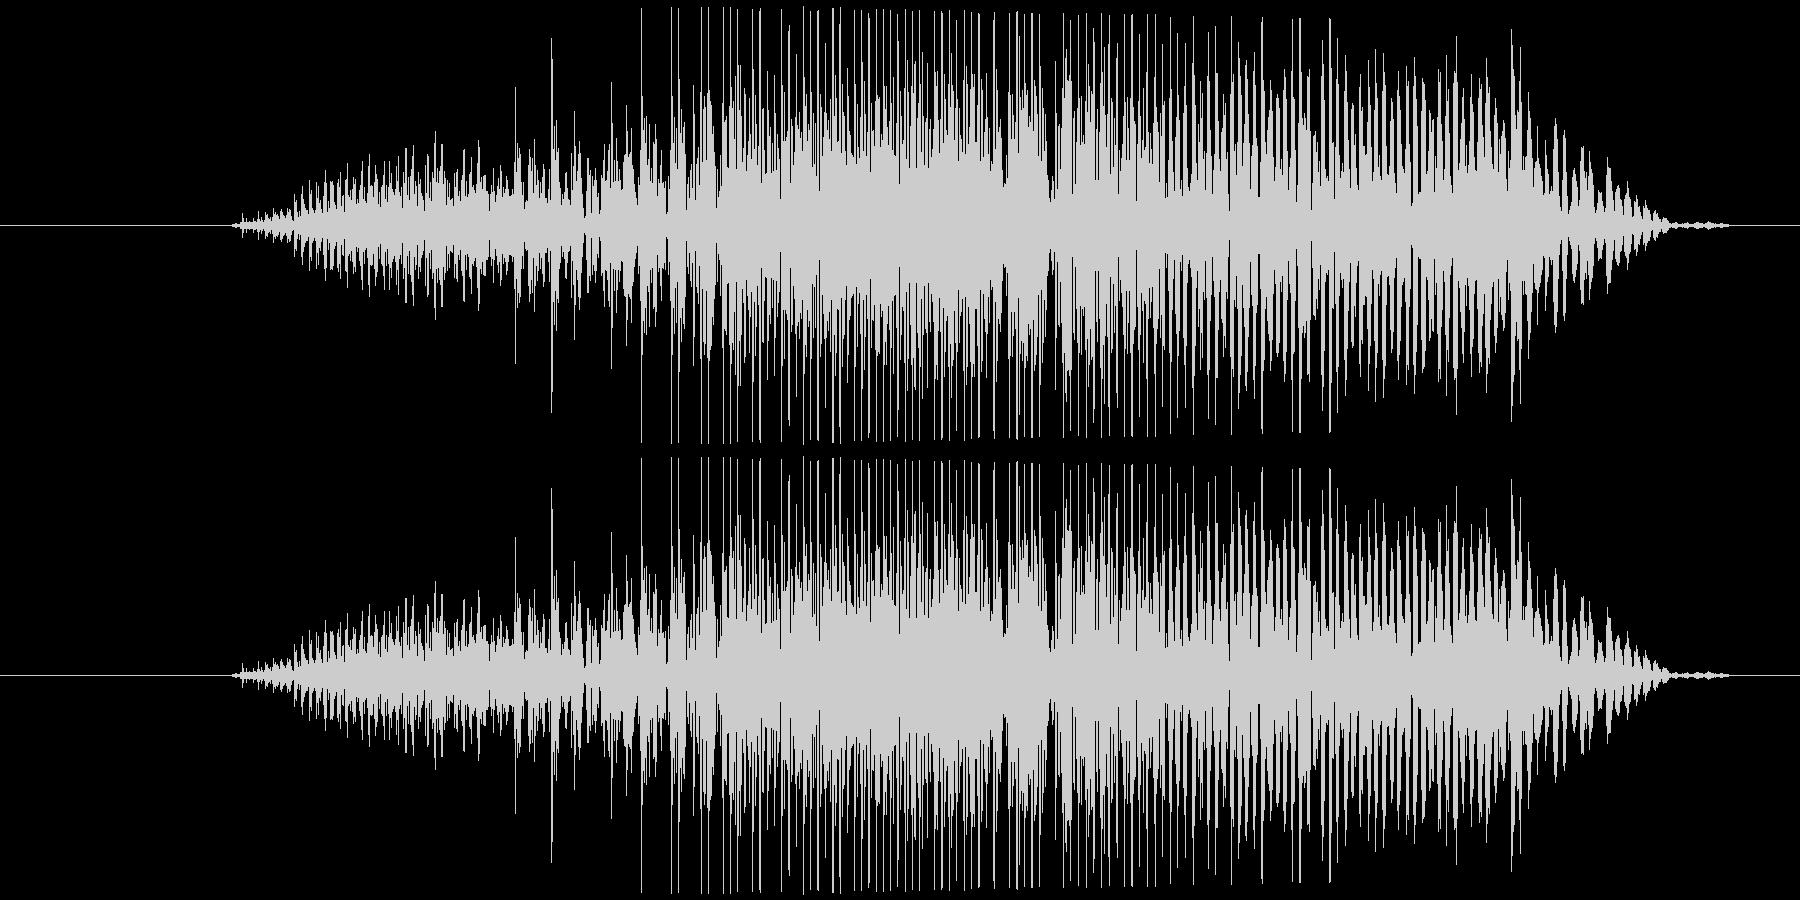 鳴き声 男性の痛みを伴う叫び09の未再生の波形